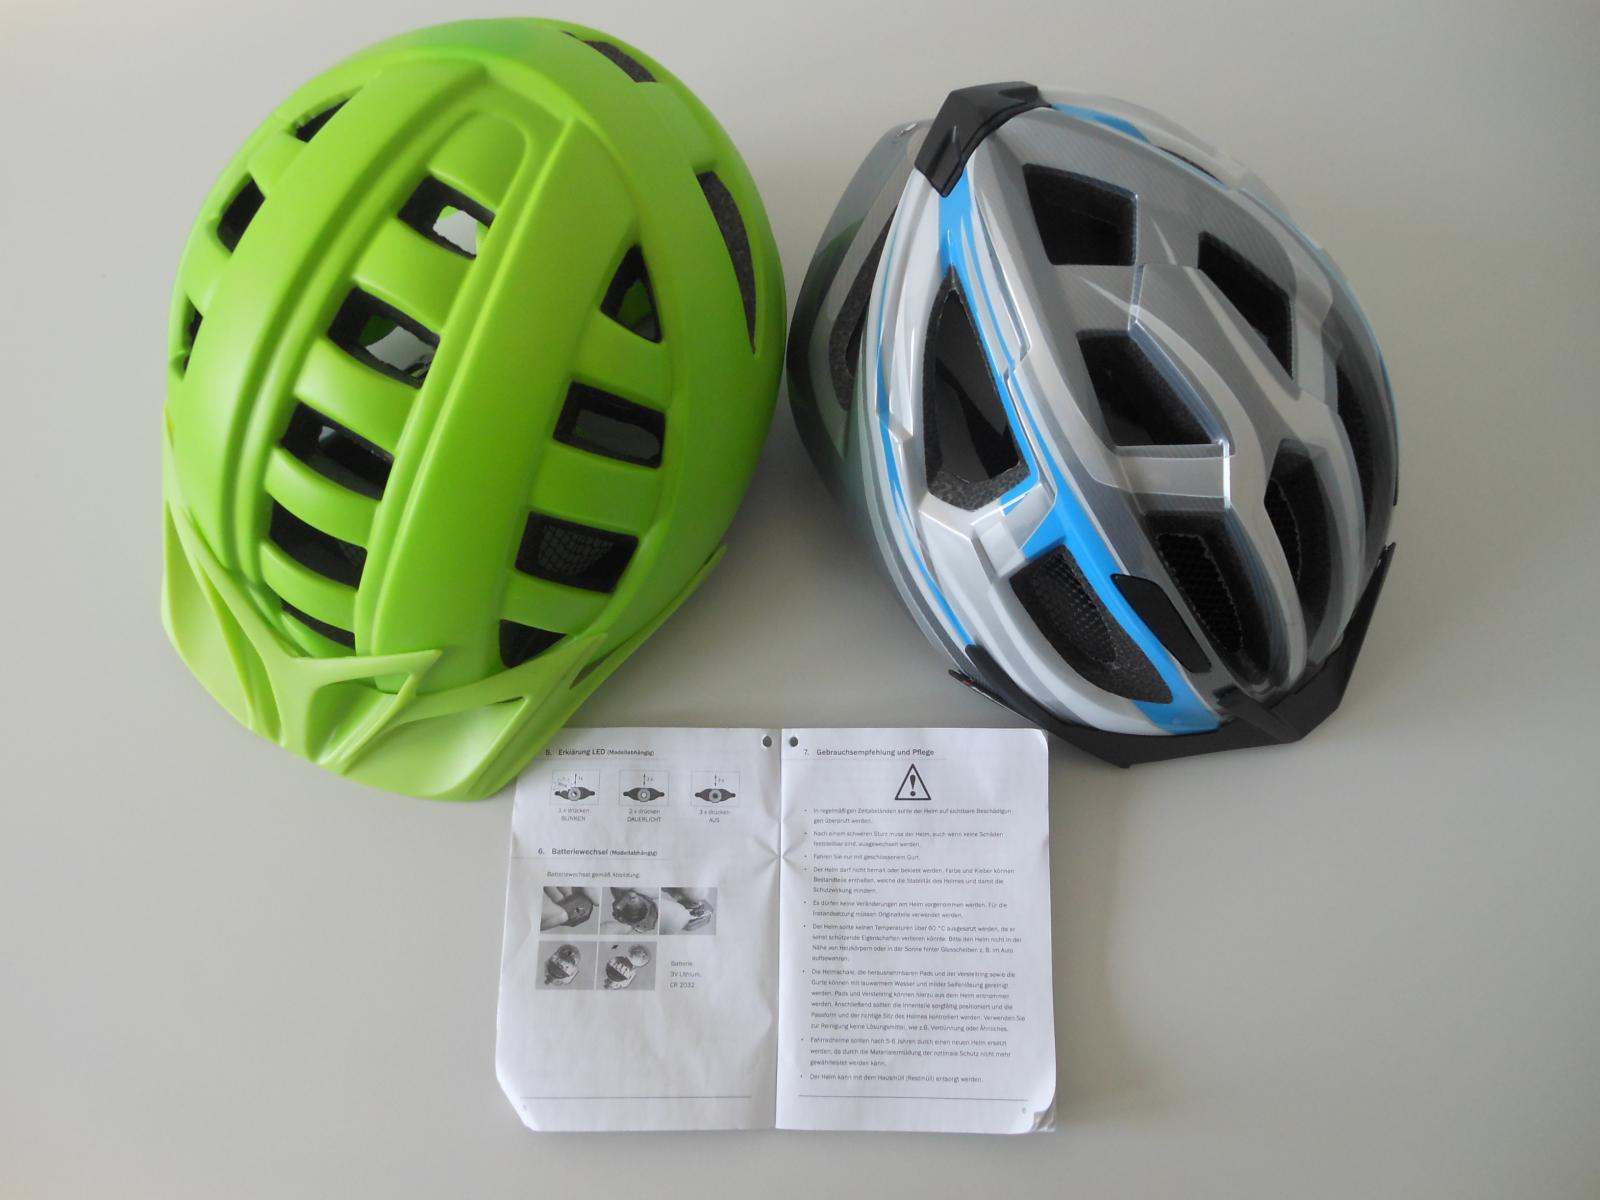 regierungspr sidium gie en gibt tipps zum kauf von fahrrad und skaterhelmen. Black Bedroom Furniture Sets. Home Design Ideas